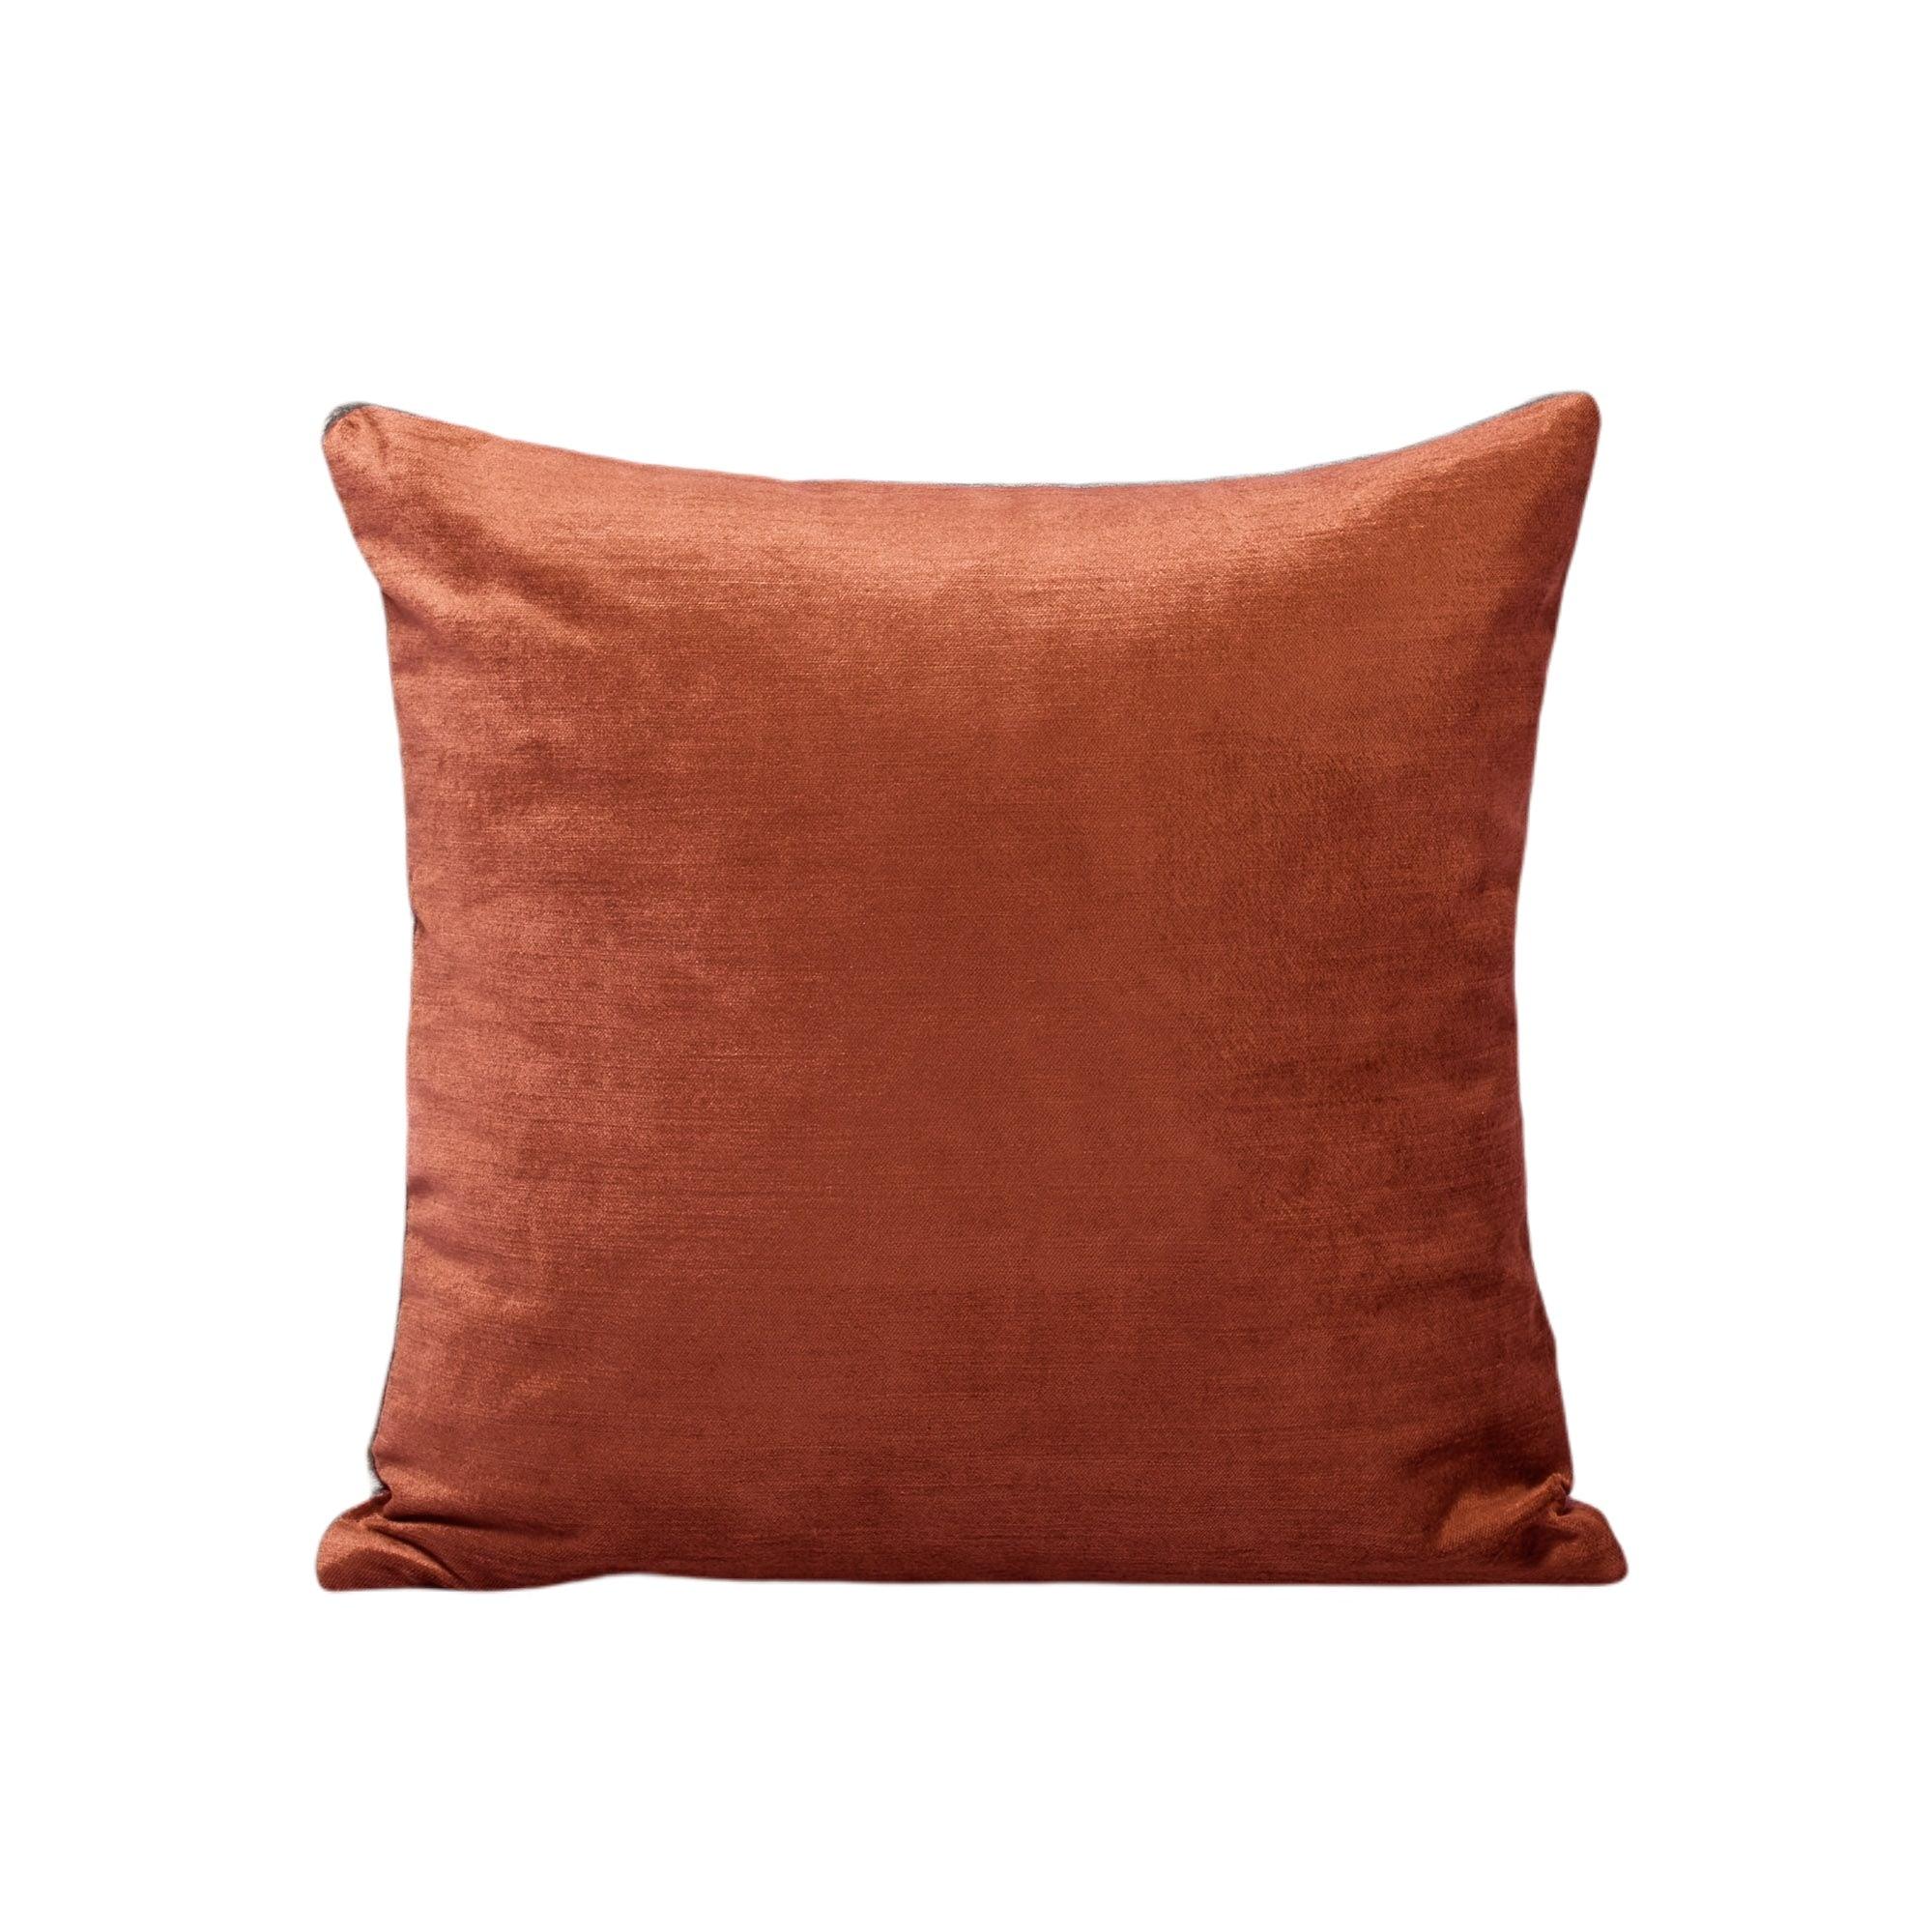 Housse de coussin 50x50 cm Caramel